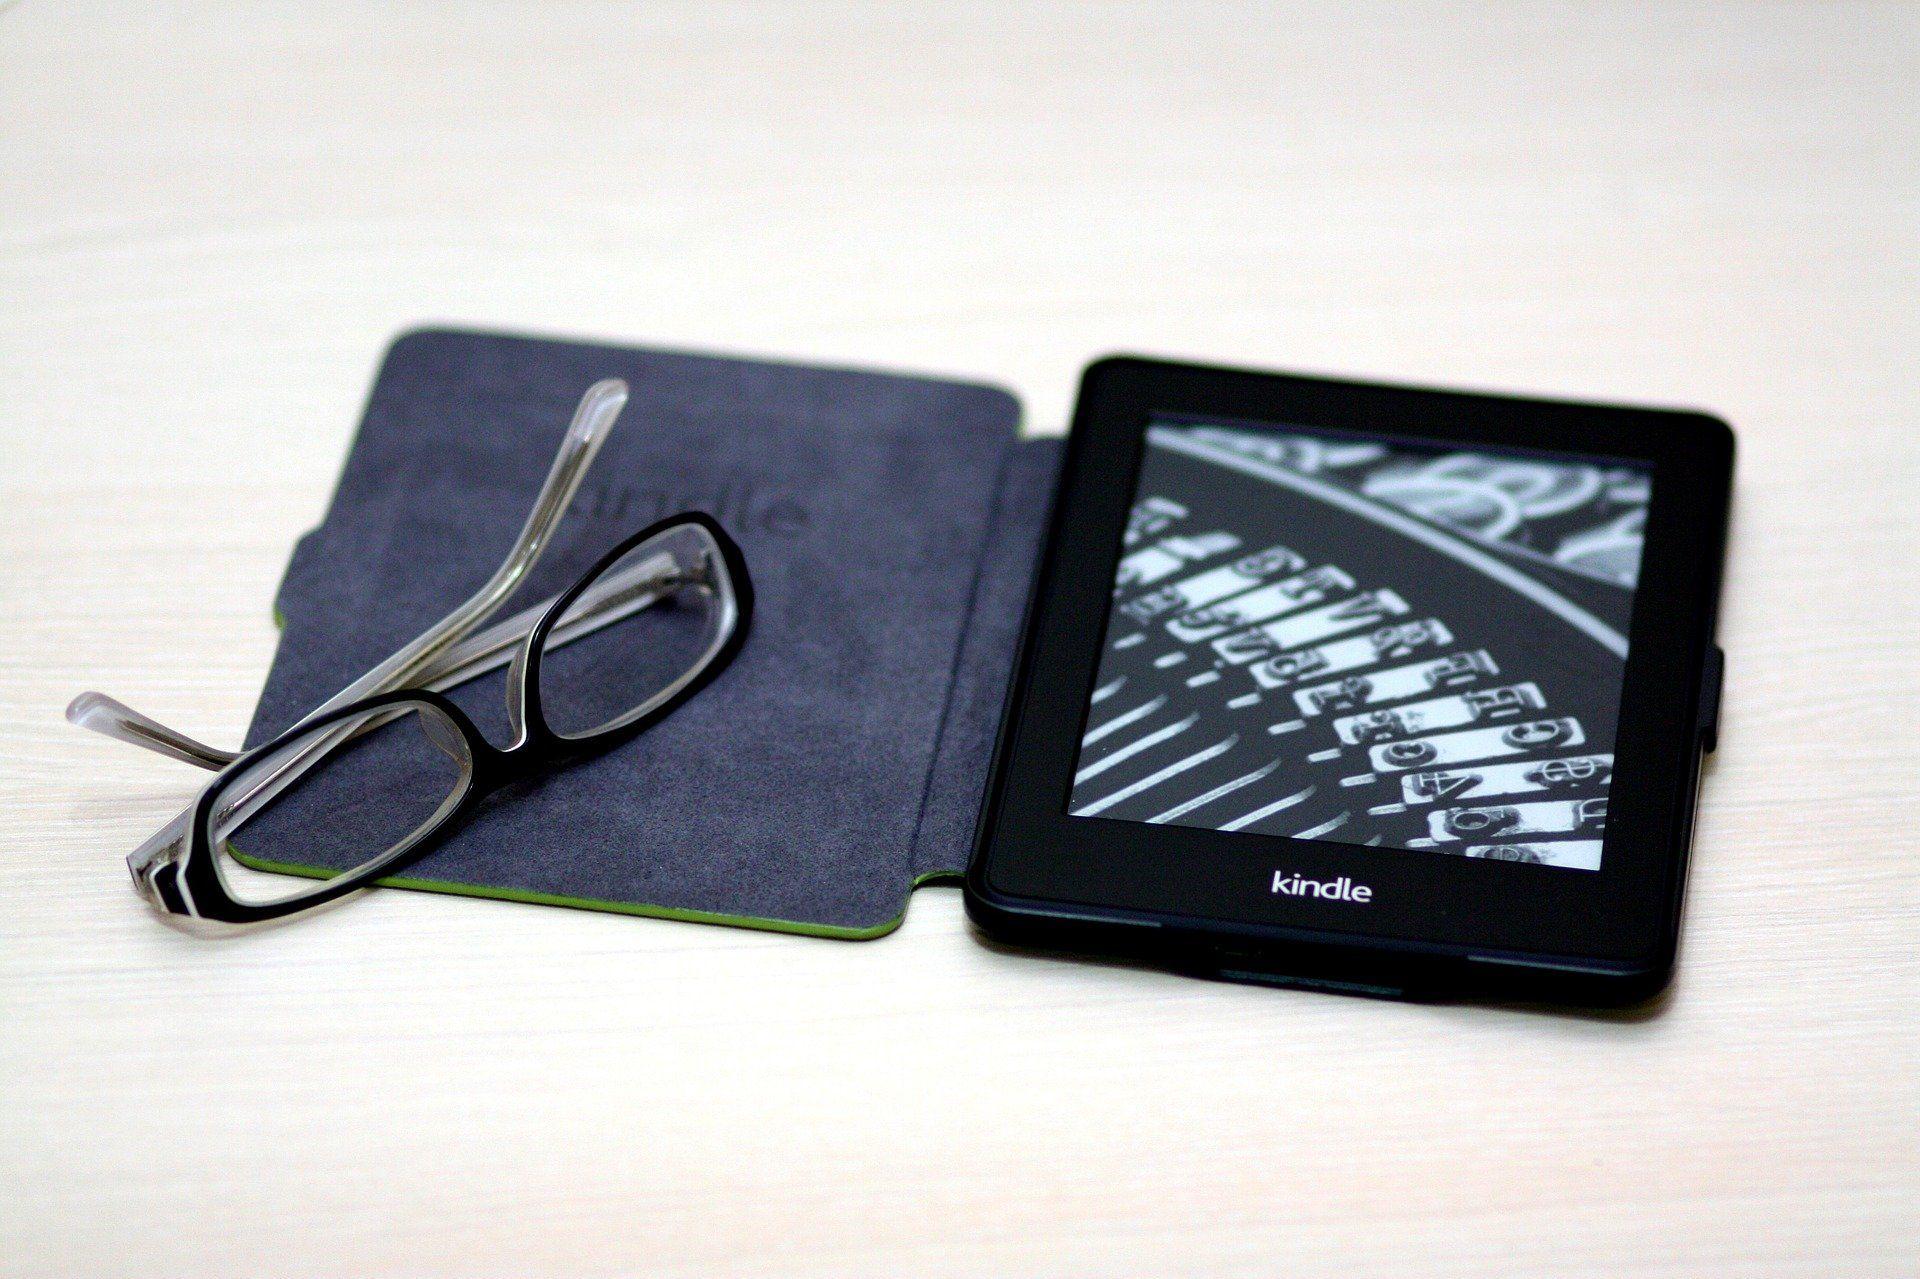 У популярных электронных книг нашли уязвимости